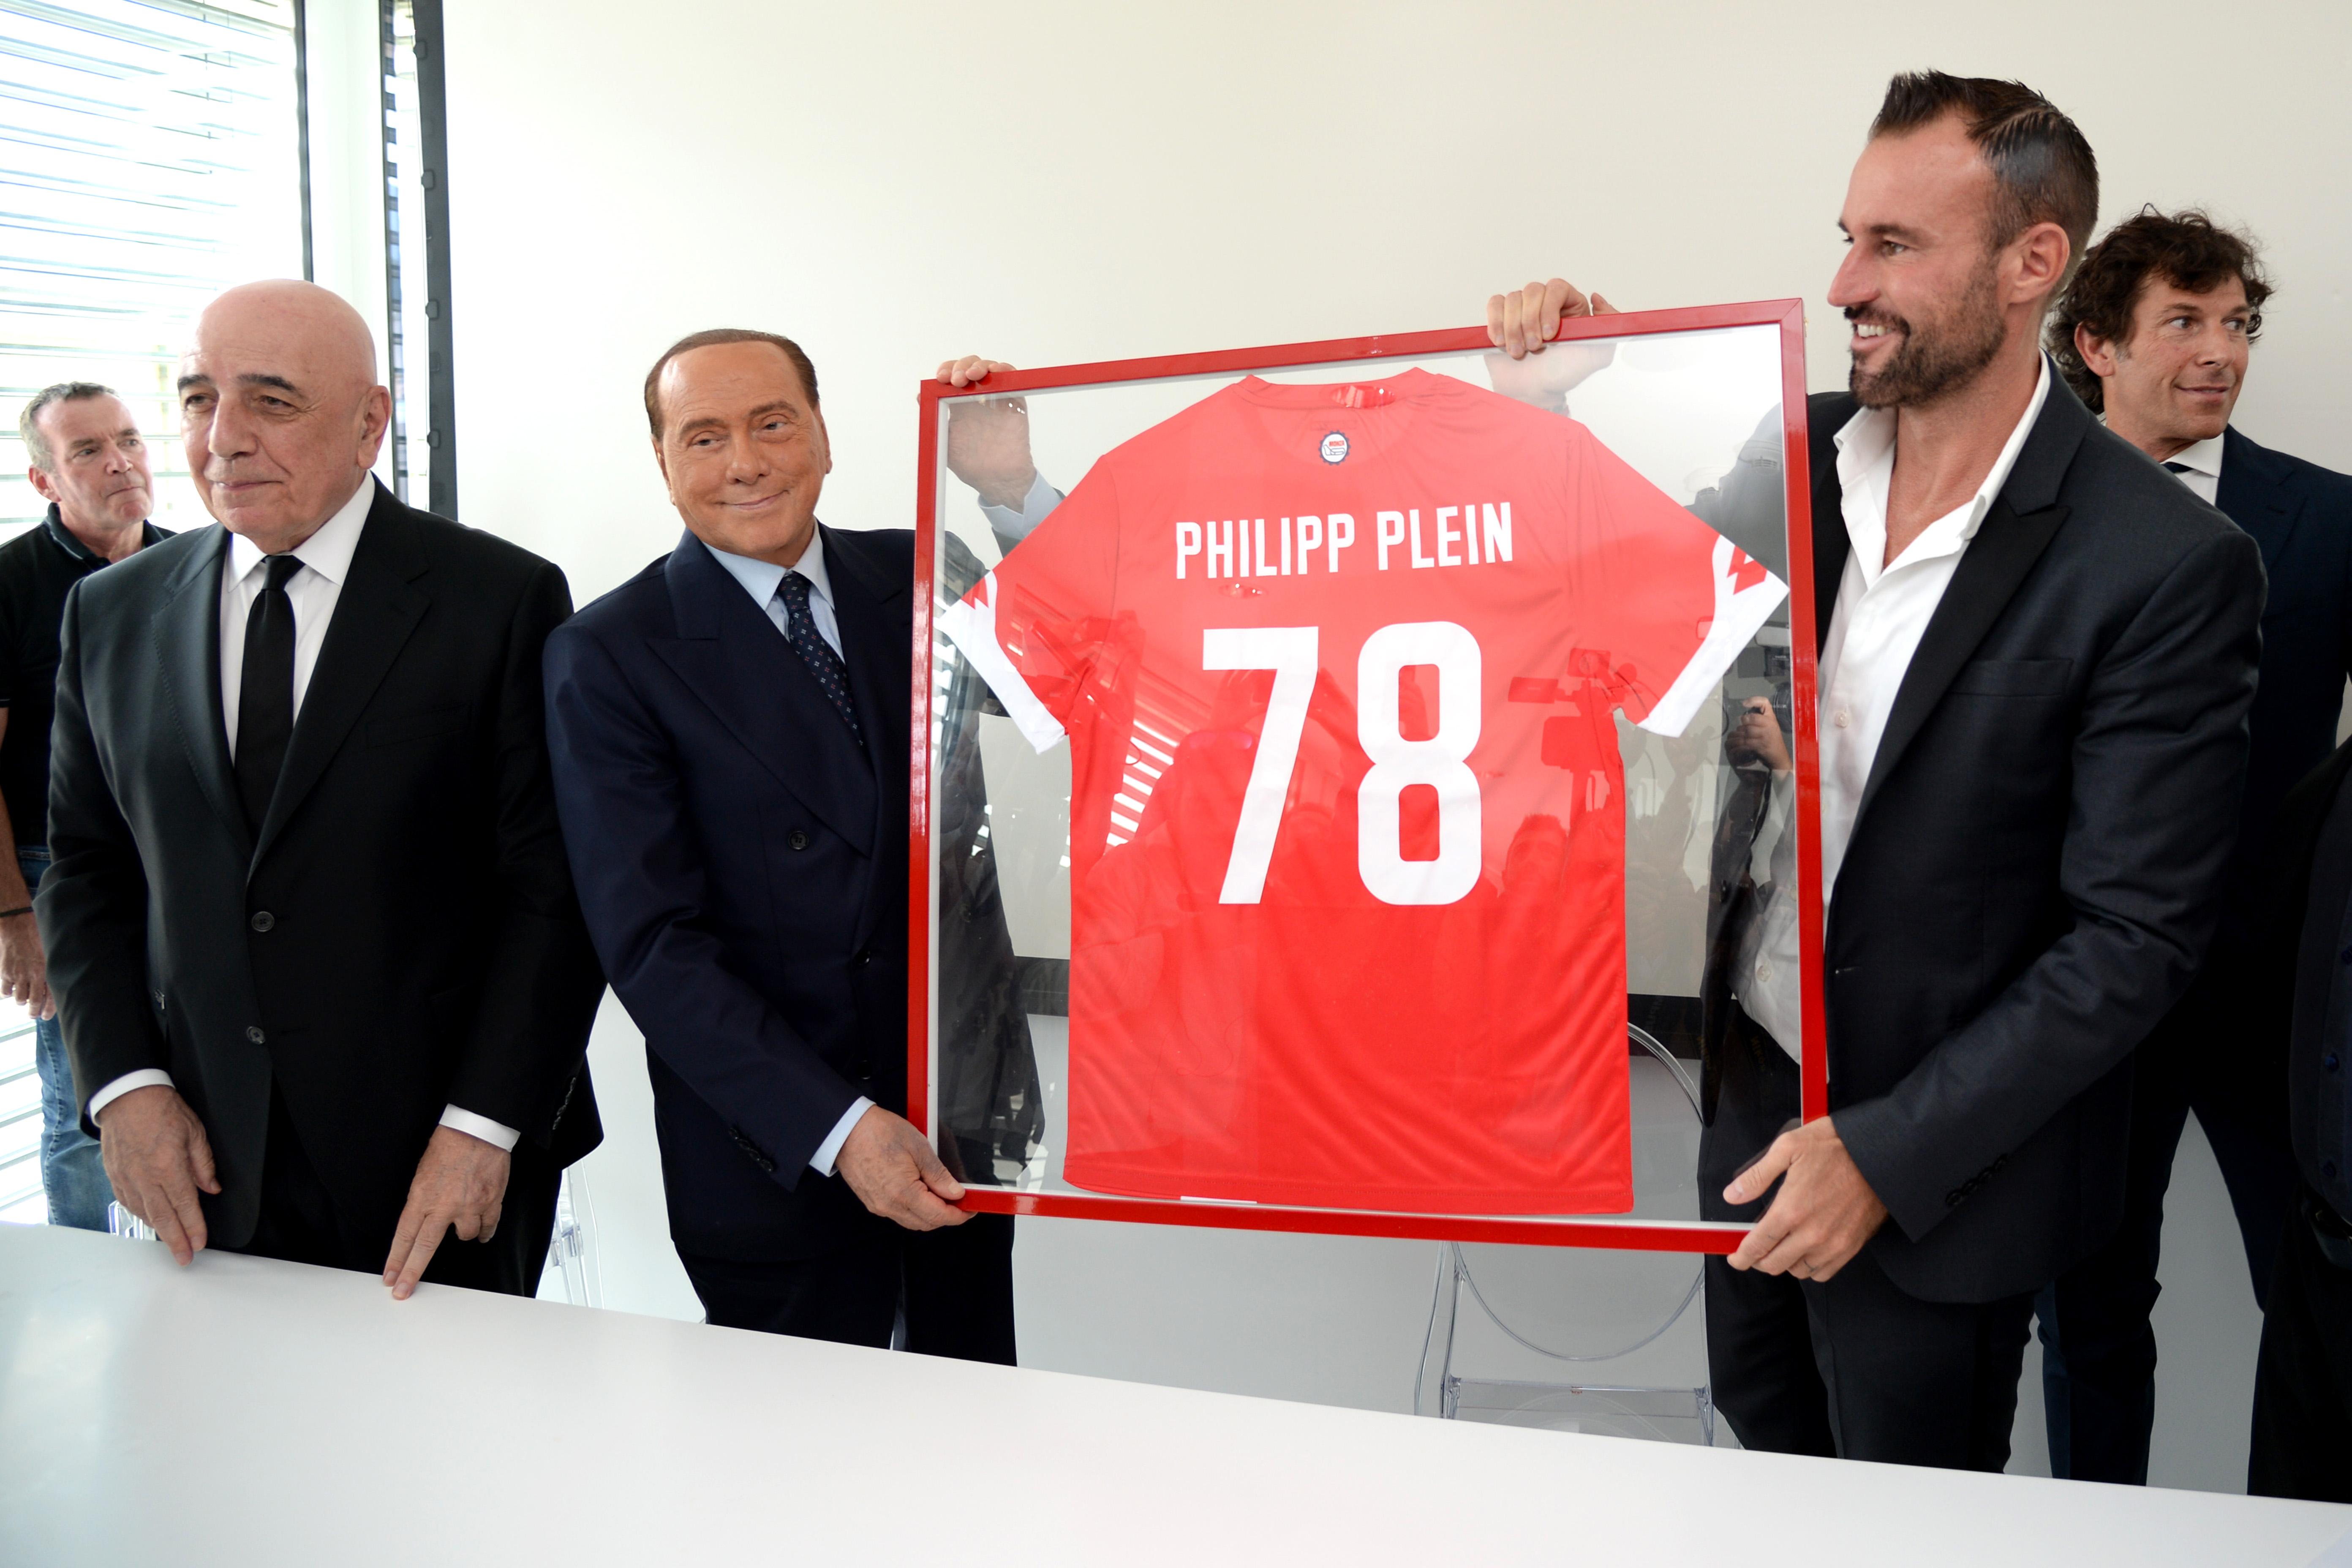 Philipp Plein and former Prime Minister Silvio Berlusconi during press conference